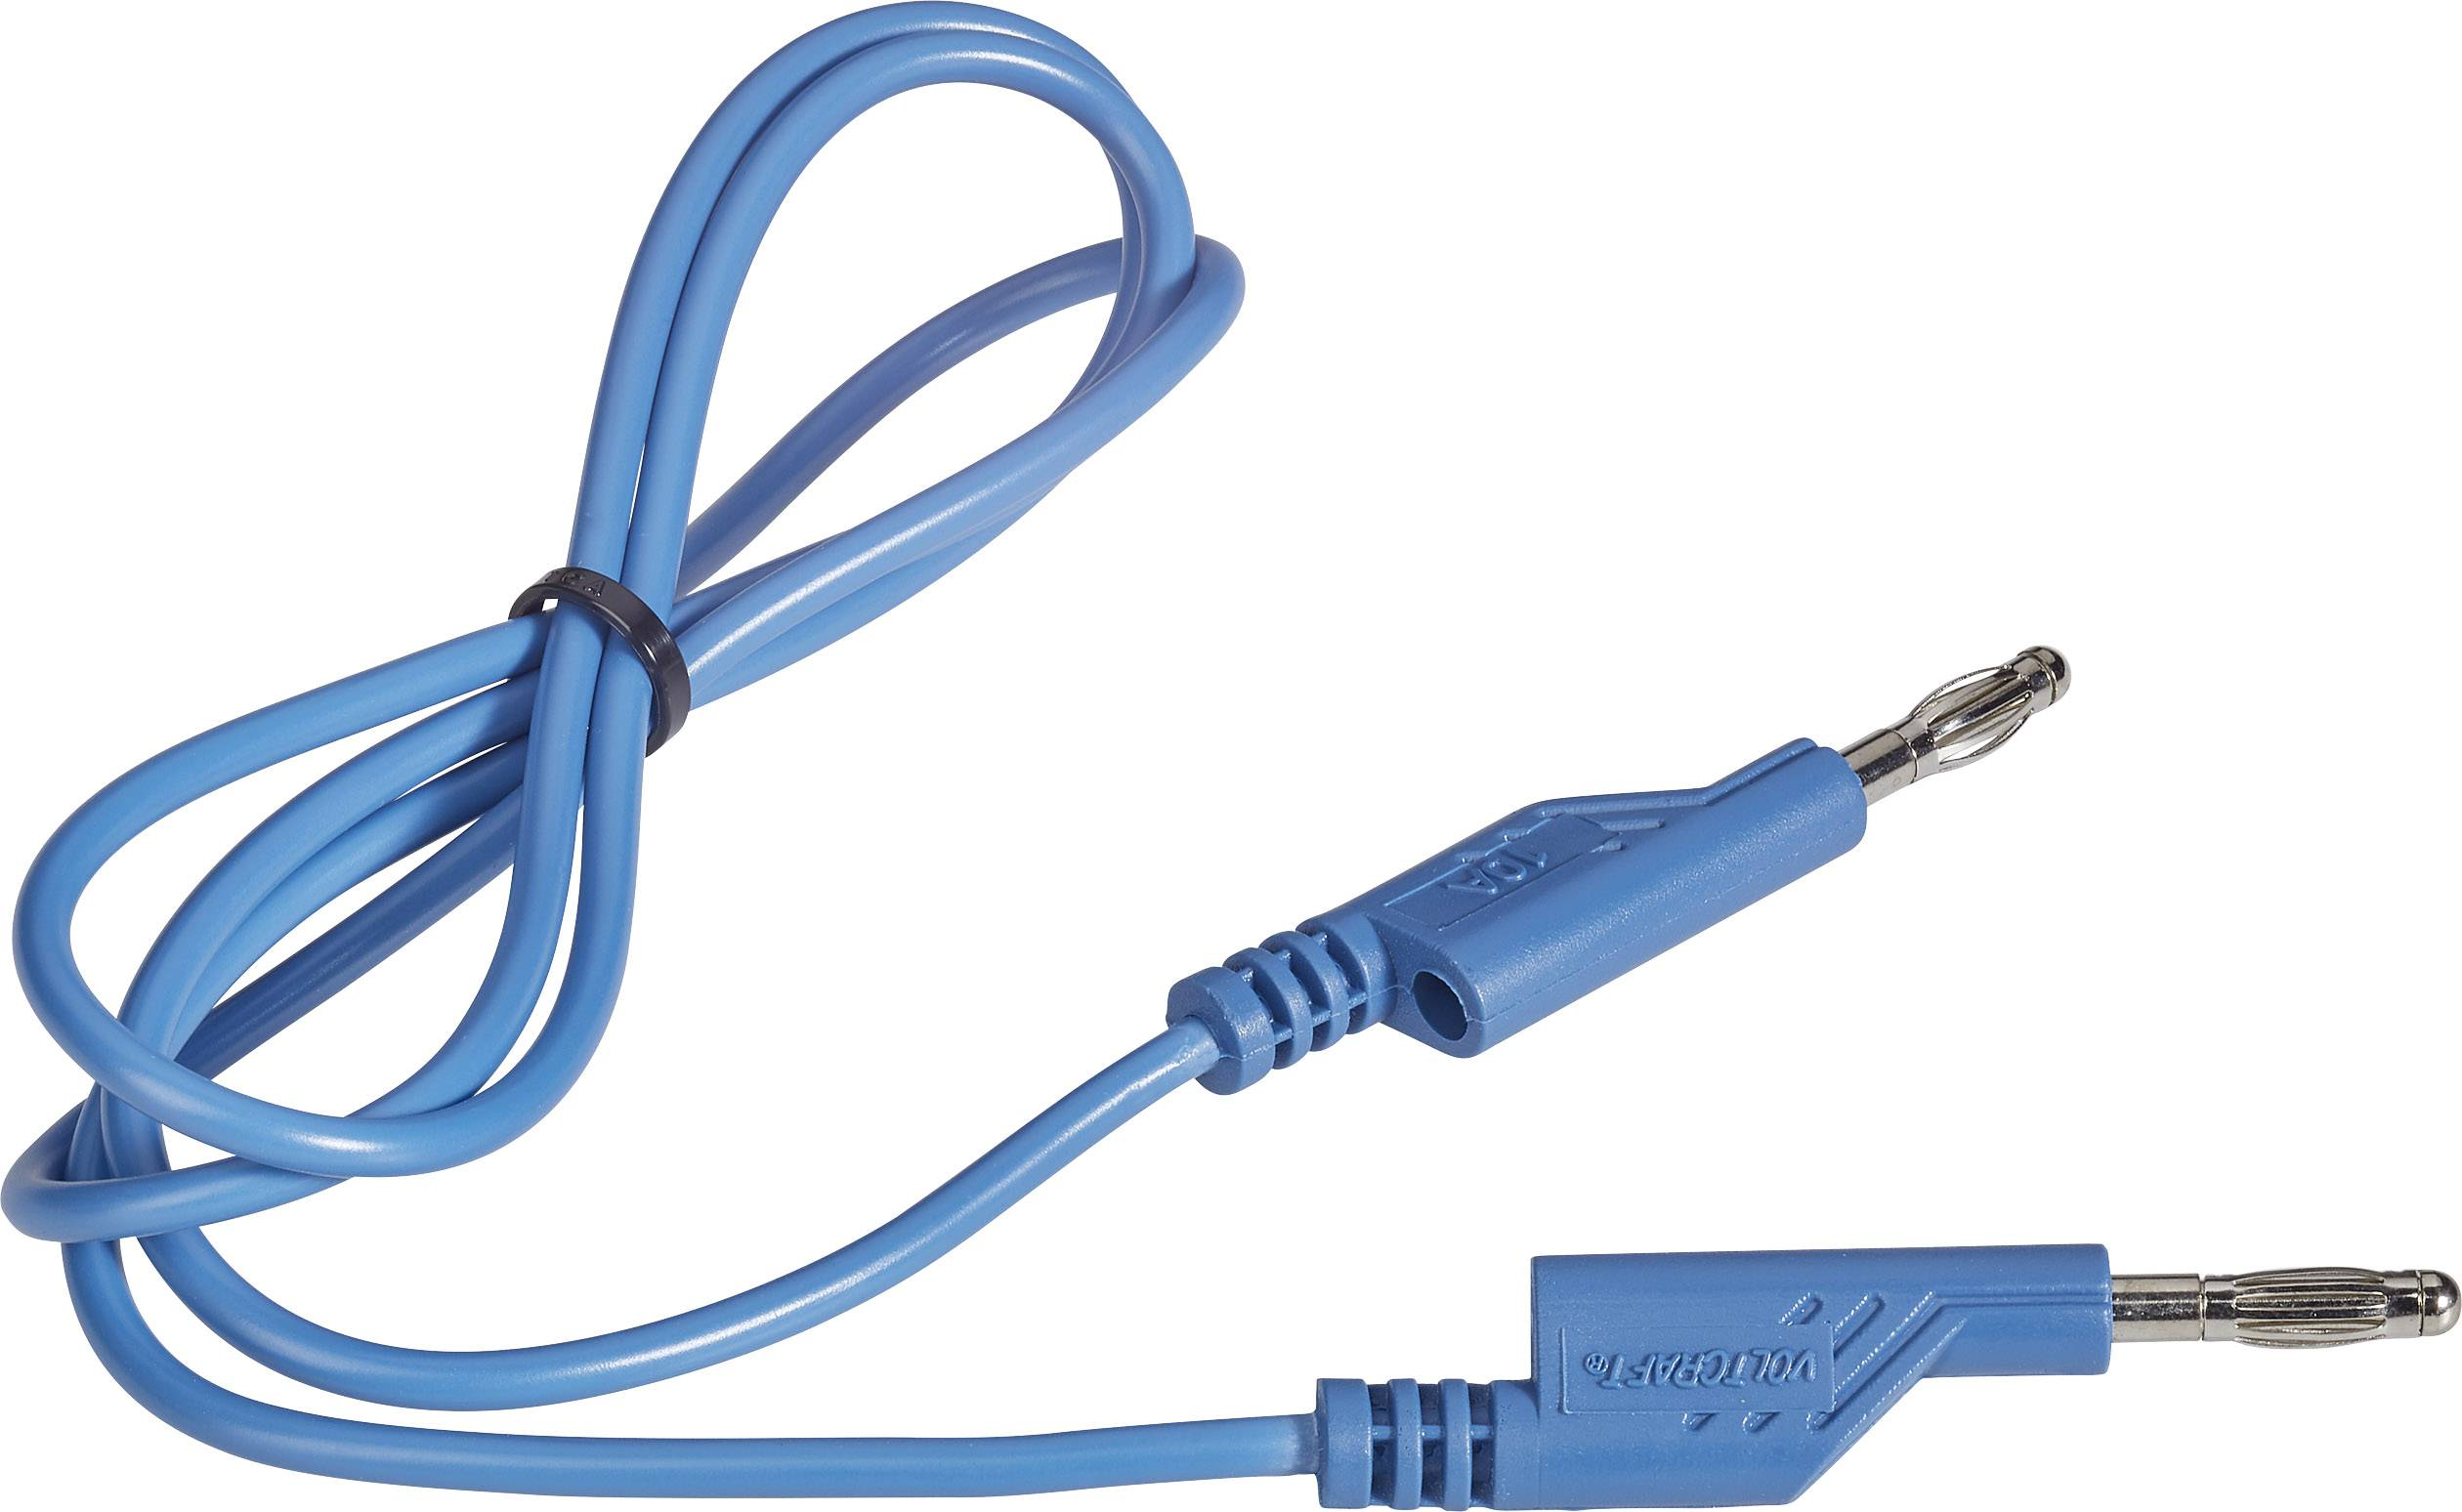 Sada měřicích kabelů banánek 4 mm ⇔ banánek 4 mm Voltcraft, 1 m, modrá